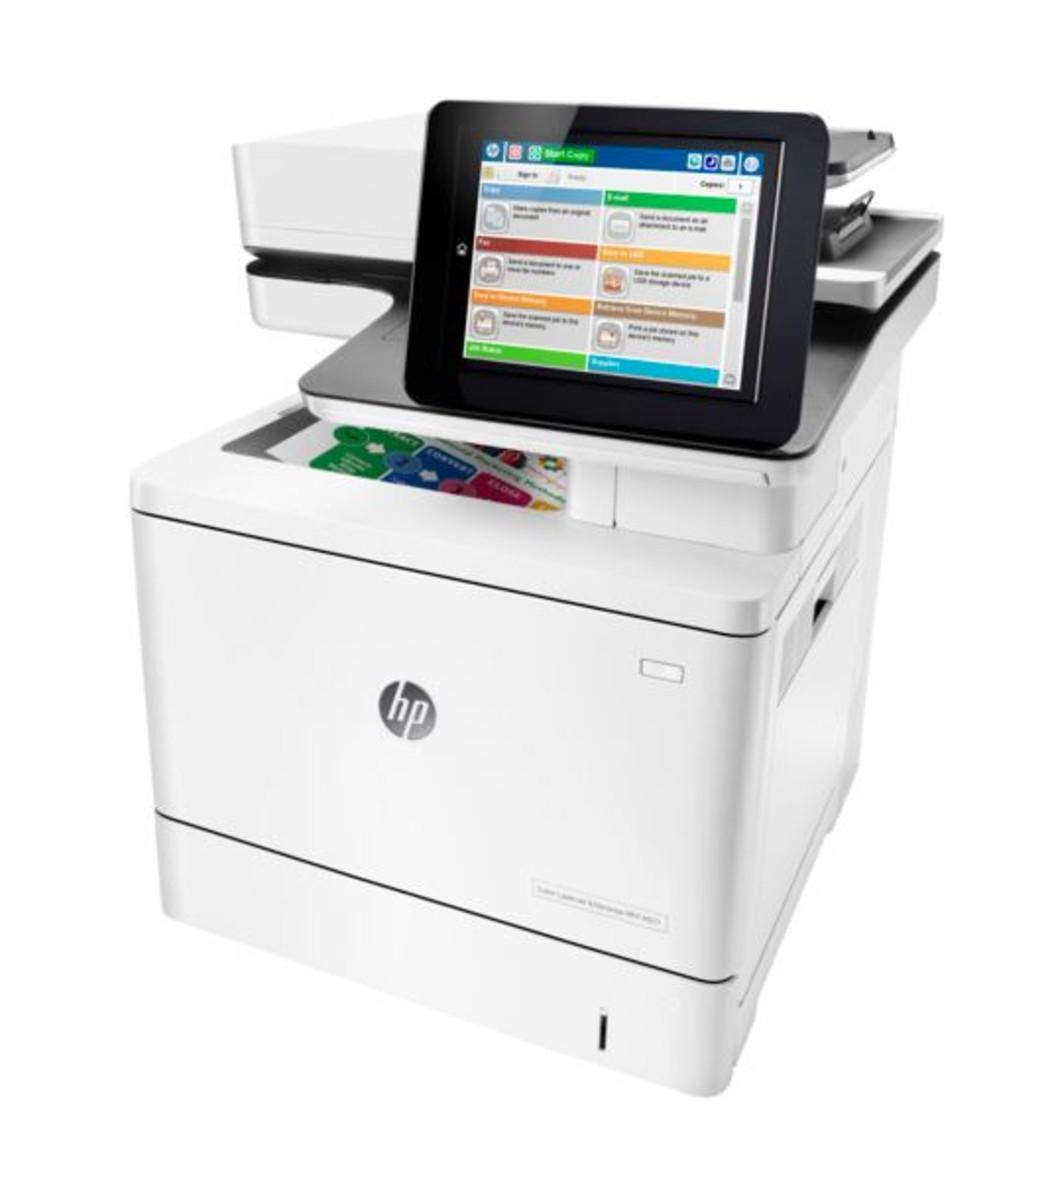 HP LaserJet Enterprise M577dn Colour Printer